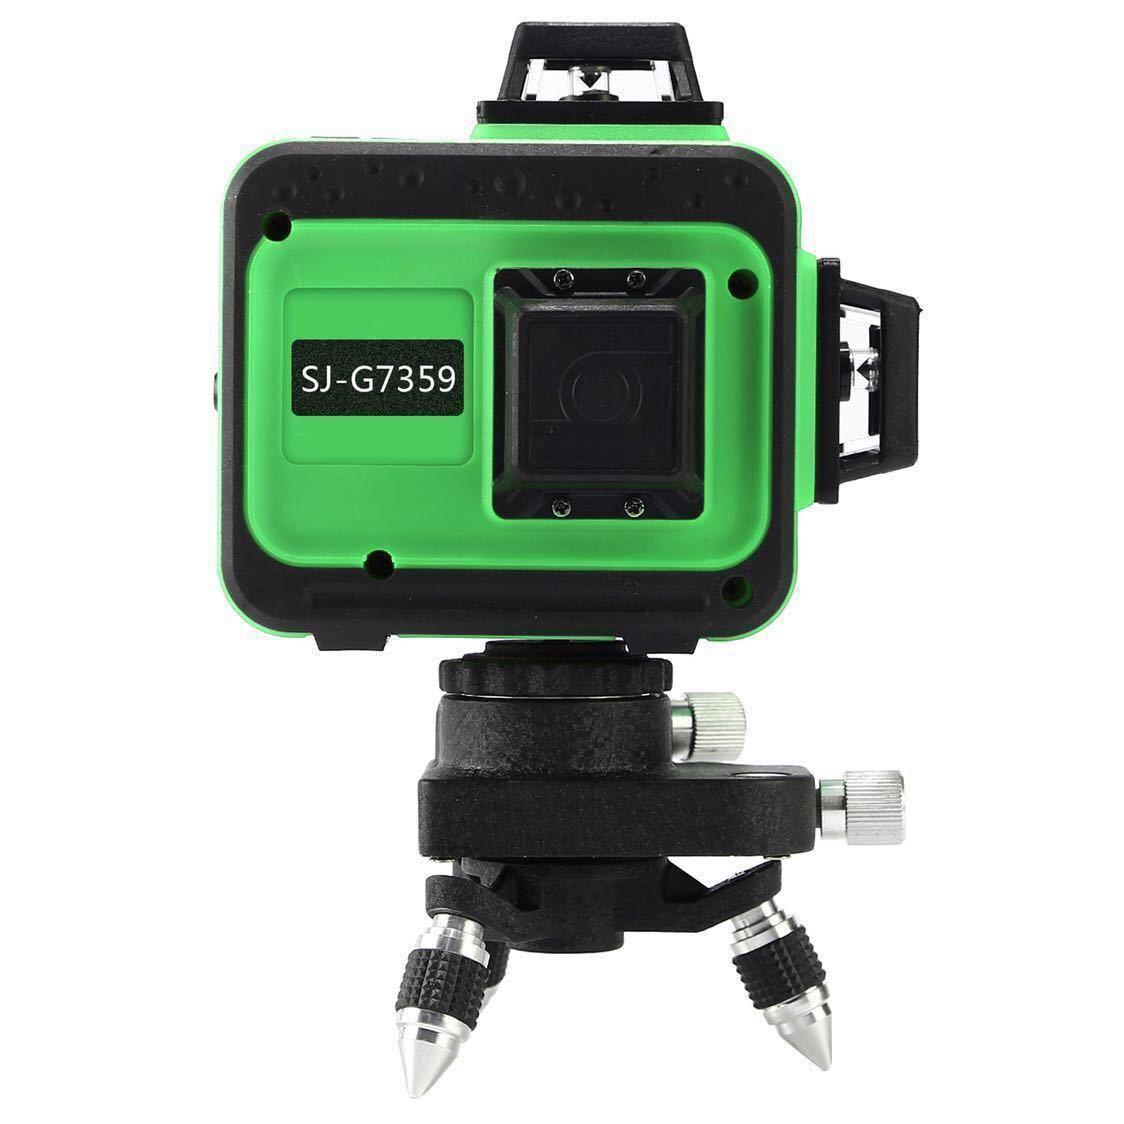 最新型 3D LASER 12ライン フルライングリーンレーザー墨出し器 360°垂直*2・360°水平*1グリーンレーザー墨出し器 レーザーレベル 水平器_画像1